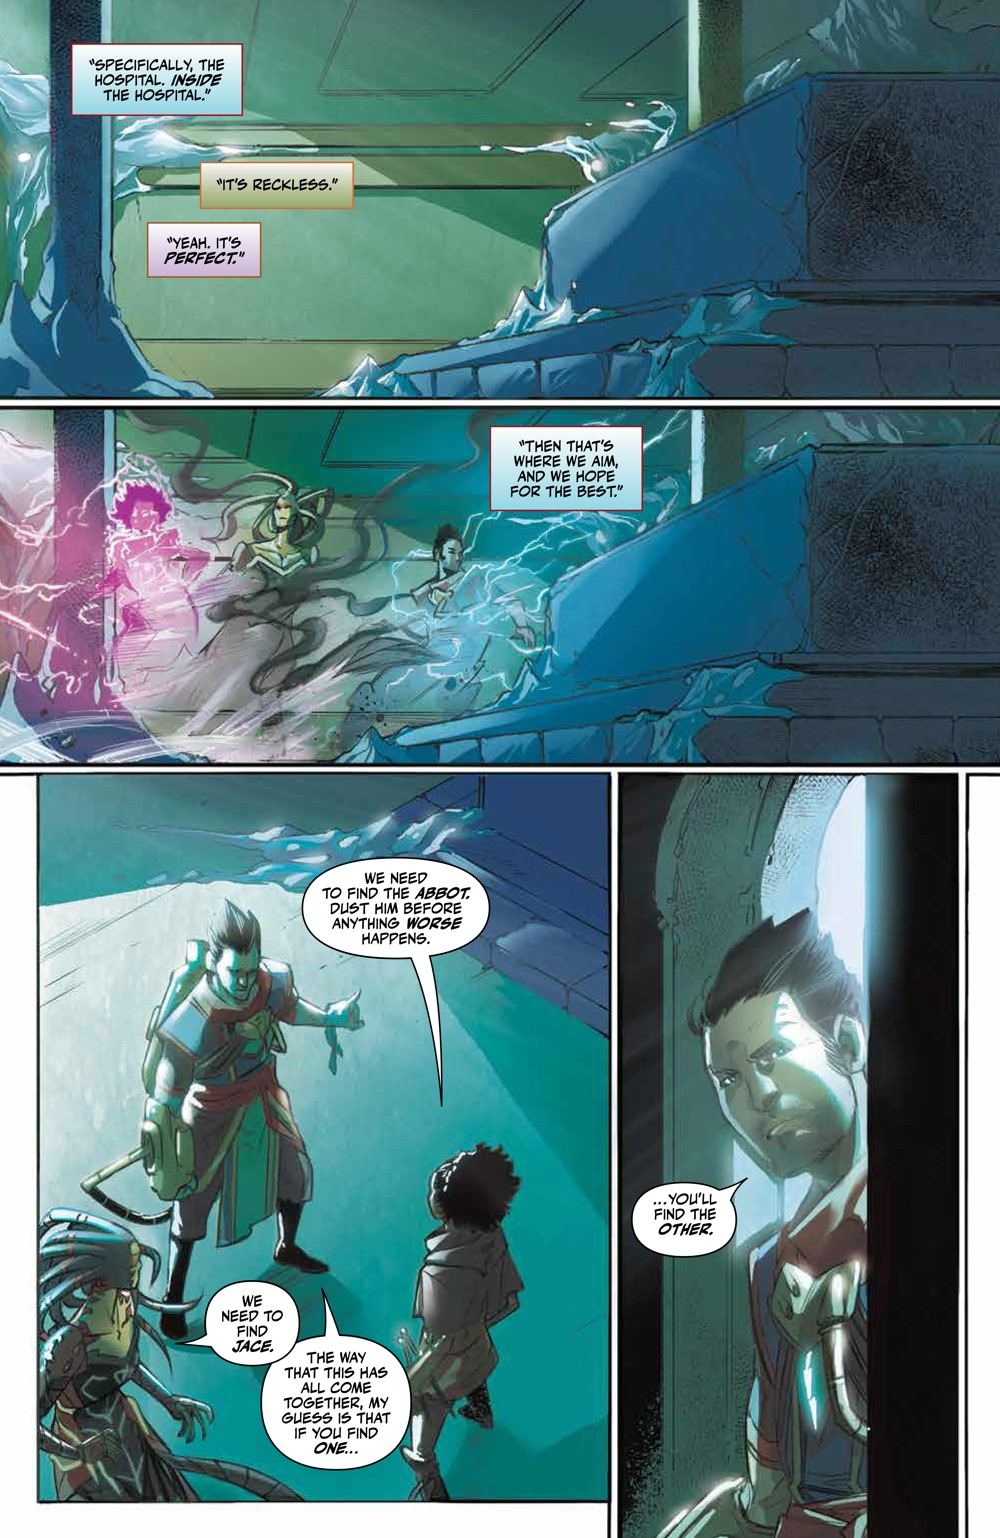 Magic_007_PRESS_6 ComicList Previews: MAGIC #7